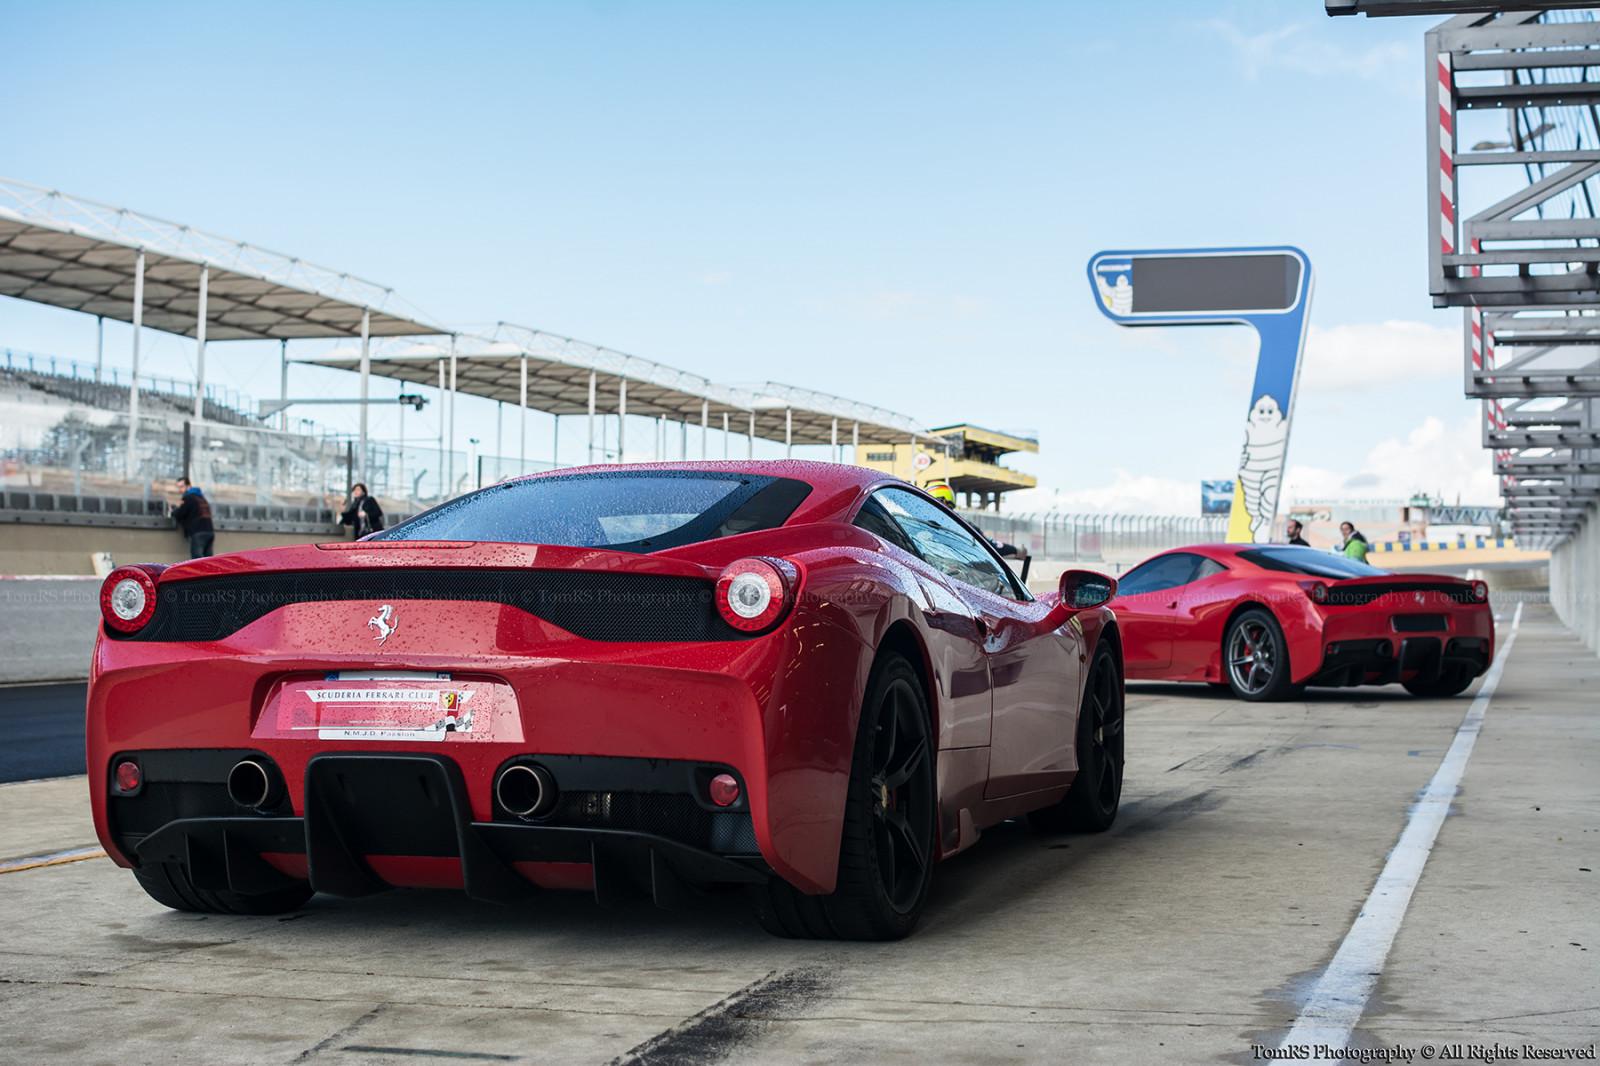 法拉利跑车真车_壁纸 : 街, 爱, 红, 超级跑车, 法拉利F430, 驾驶, 轿跑车, 表演车 ...